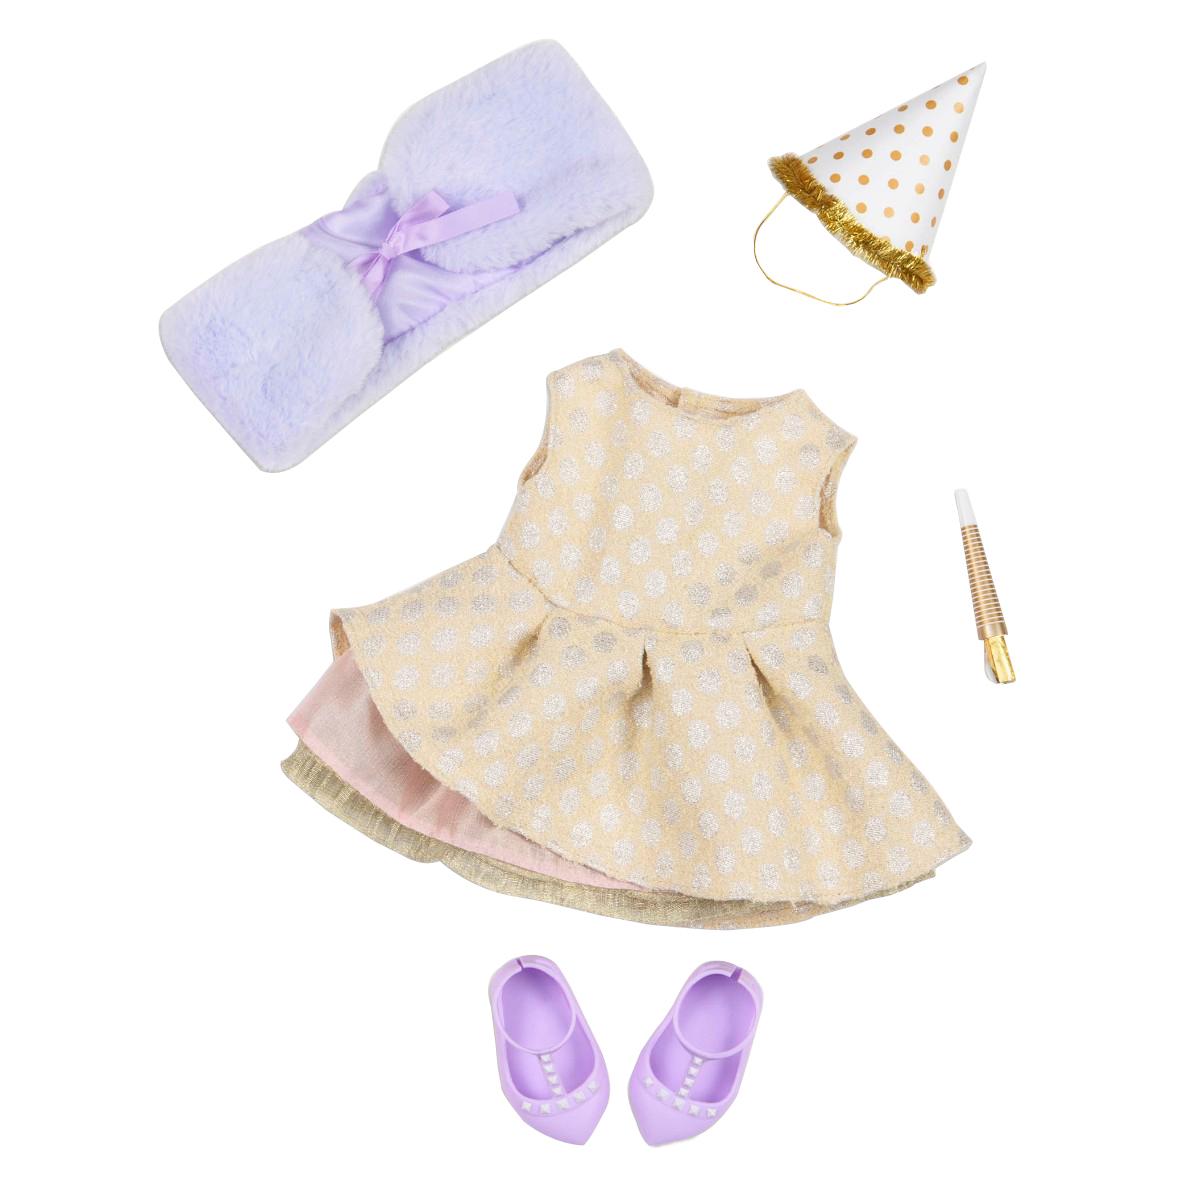 Our Generation - Deluxe dockkläder - Nyårs klänning (730270)